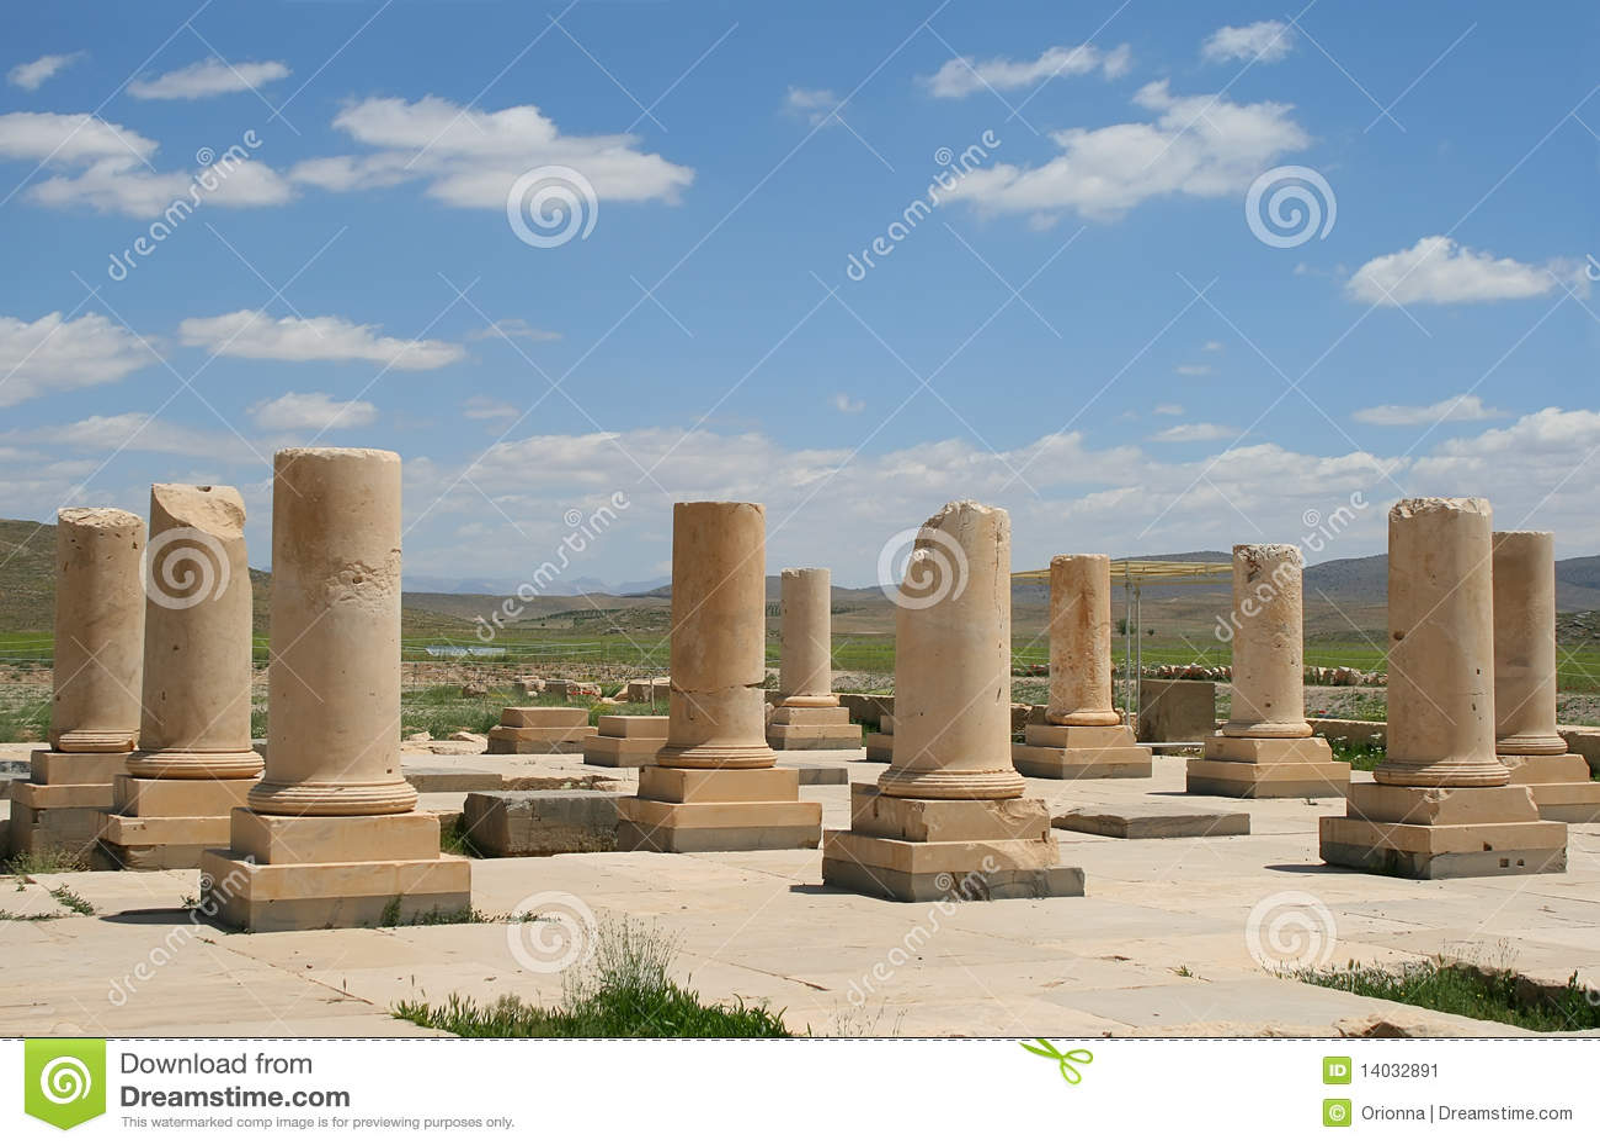 De zaal van het publiek van pasargadae paleis iran stock afbeelding afbeelding 14032891 - Versiering van de zaal van het tienermeisje van ...